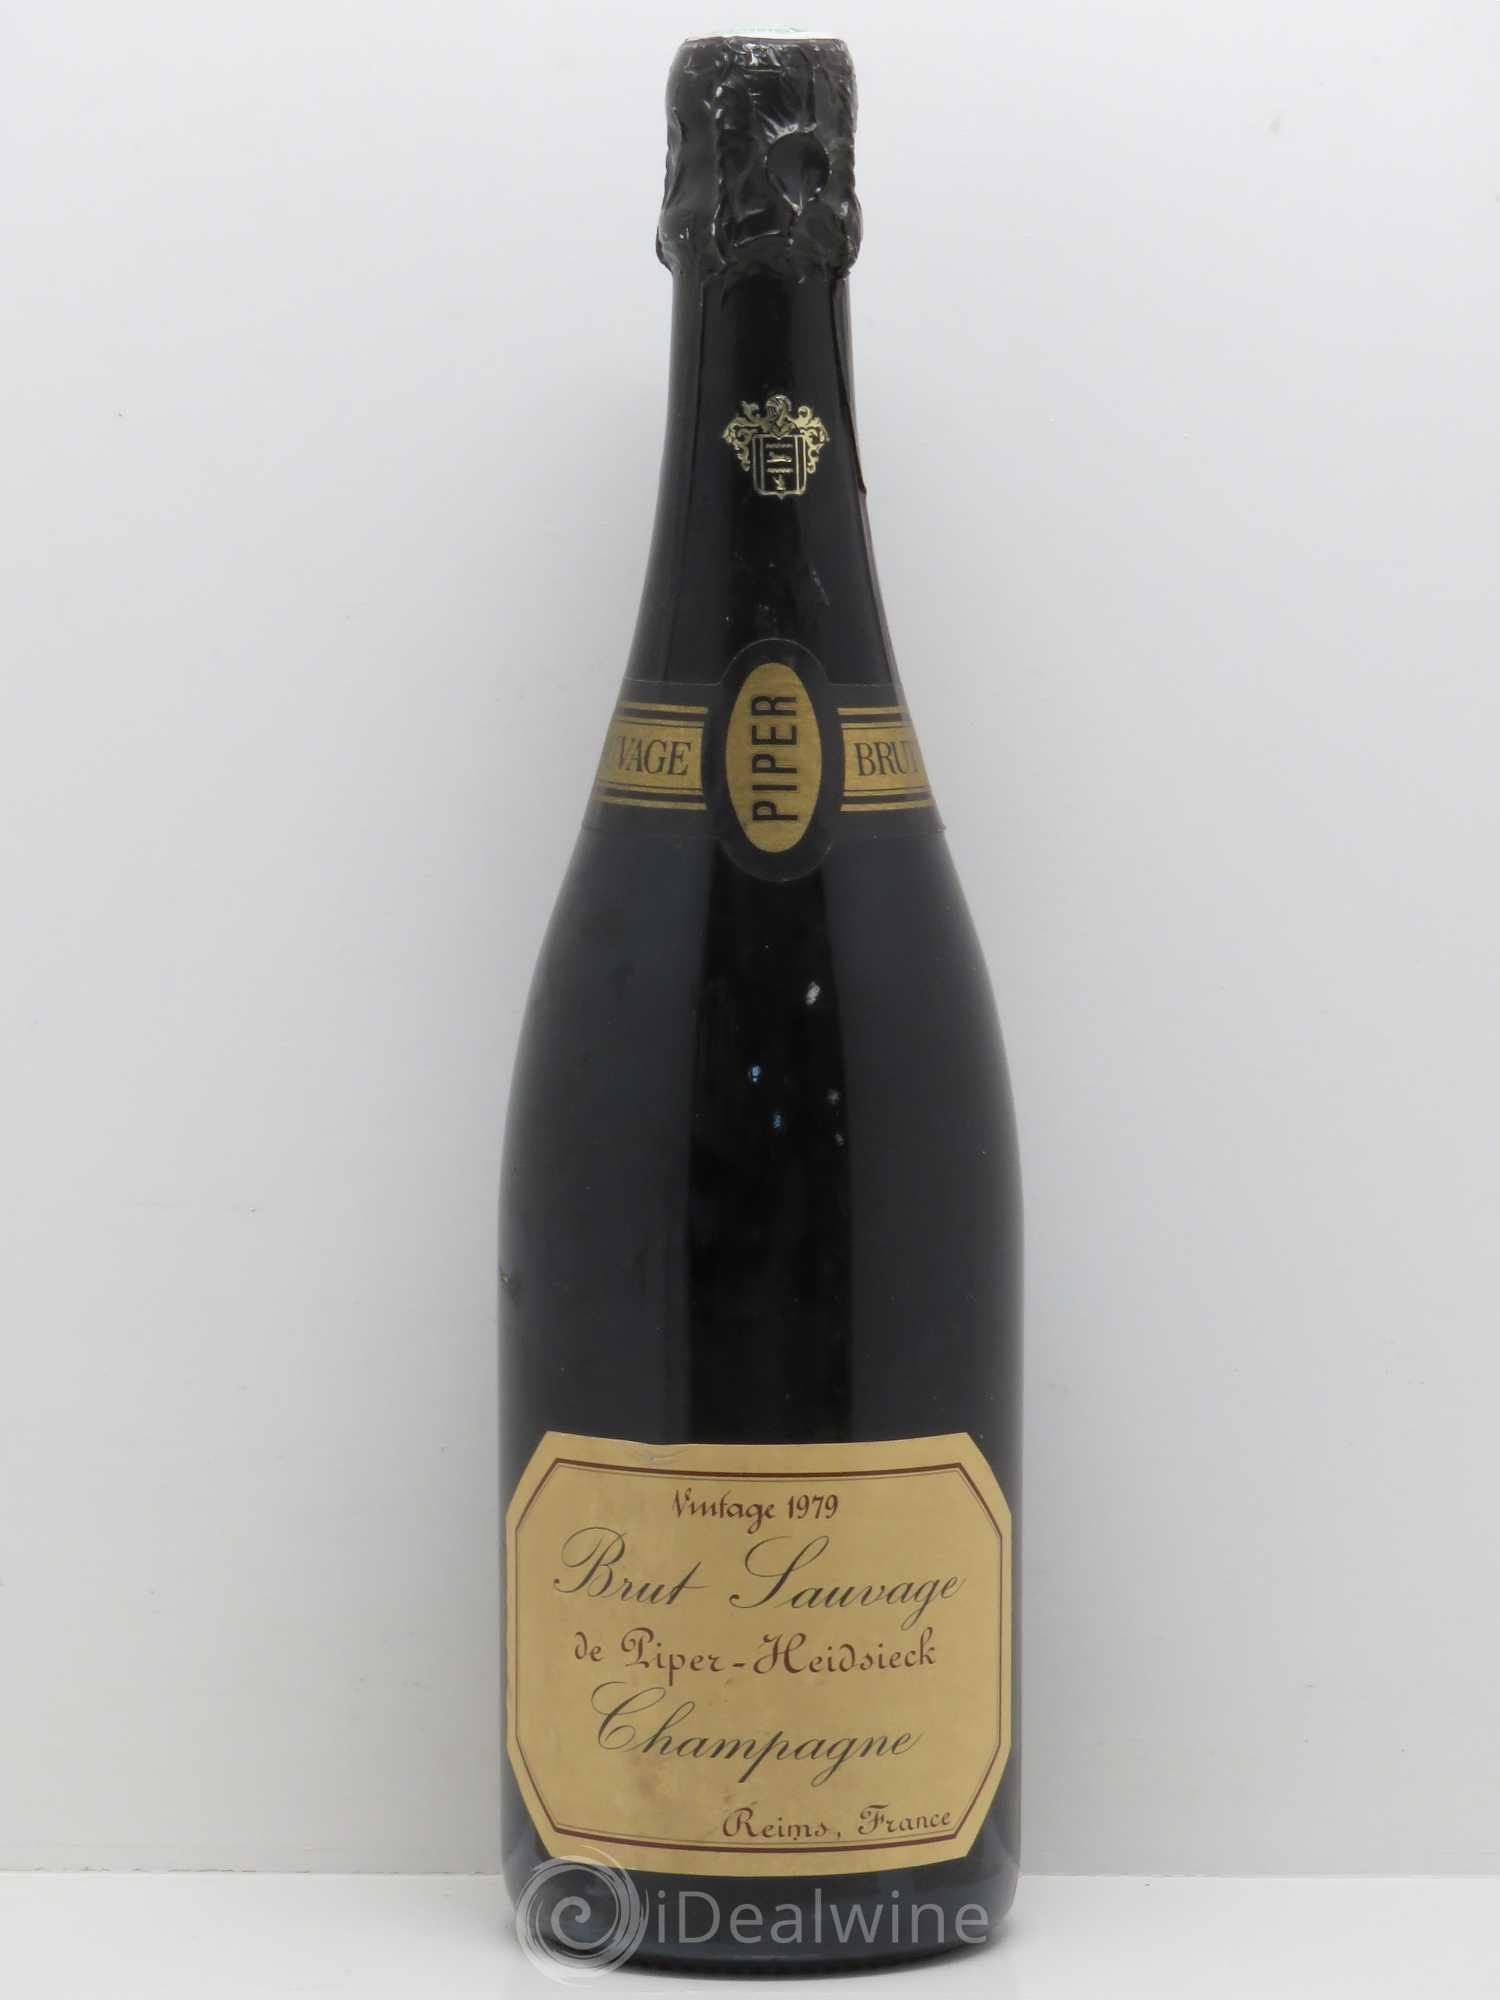 acheter brut champagne piper heidsieck vintage brut sauvage 1979 lot 2593. Black Bedroom Furniture Sets. Home Design Ideas